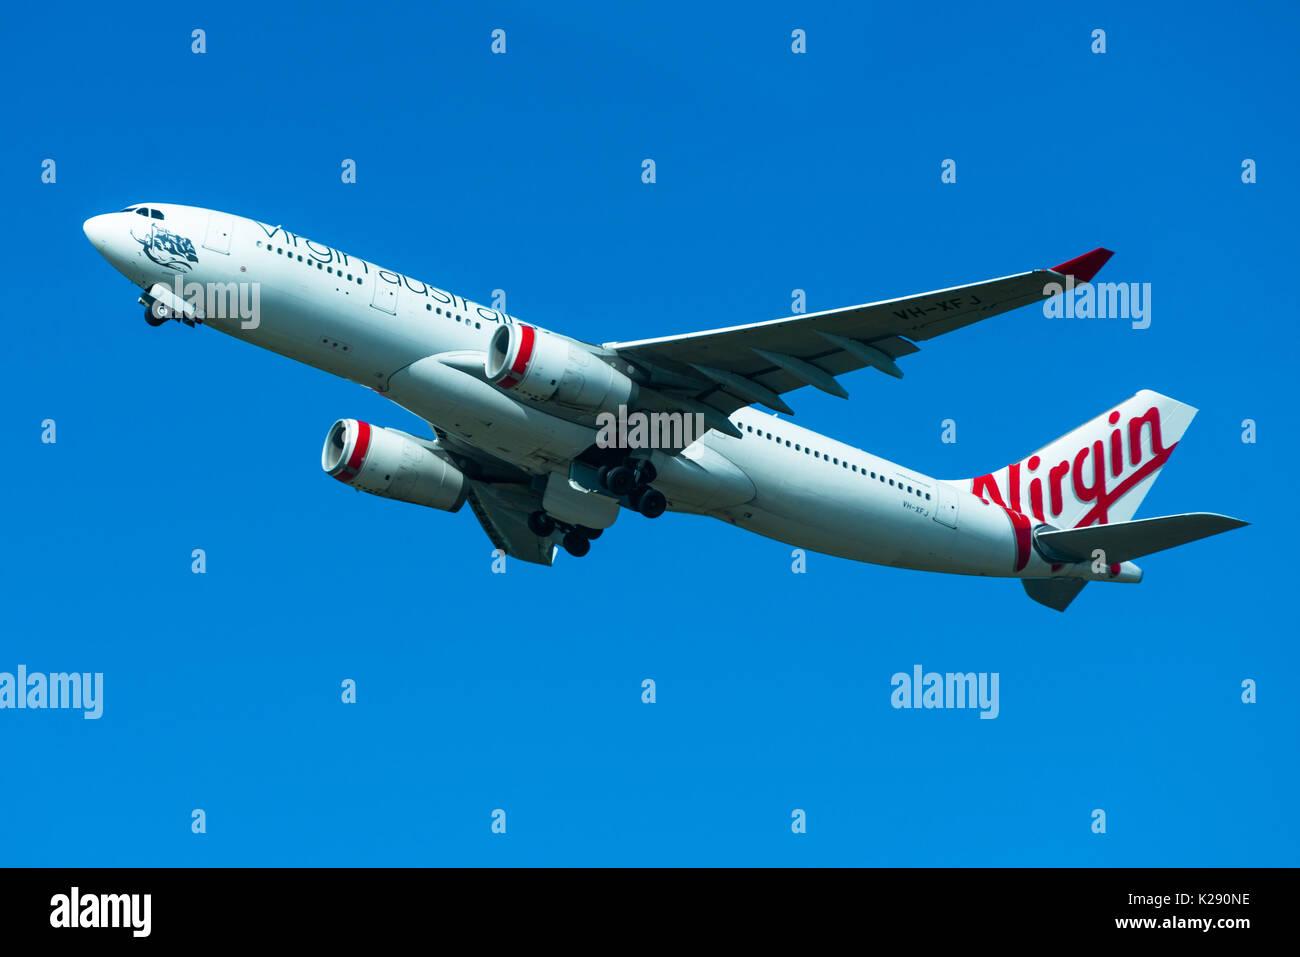 Virgin Australia passeggero aereo in fase di decollo da aeroporto internazionale di Sydney, Nuovo Galles del Sud, Australia. Immagini Stock